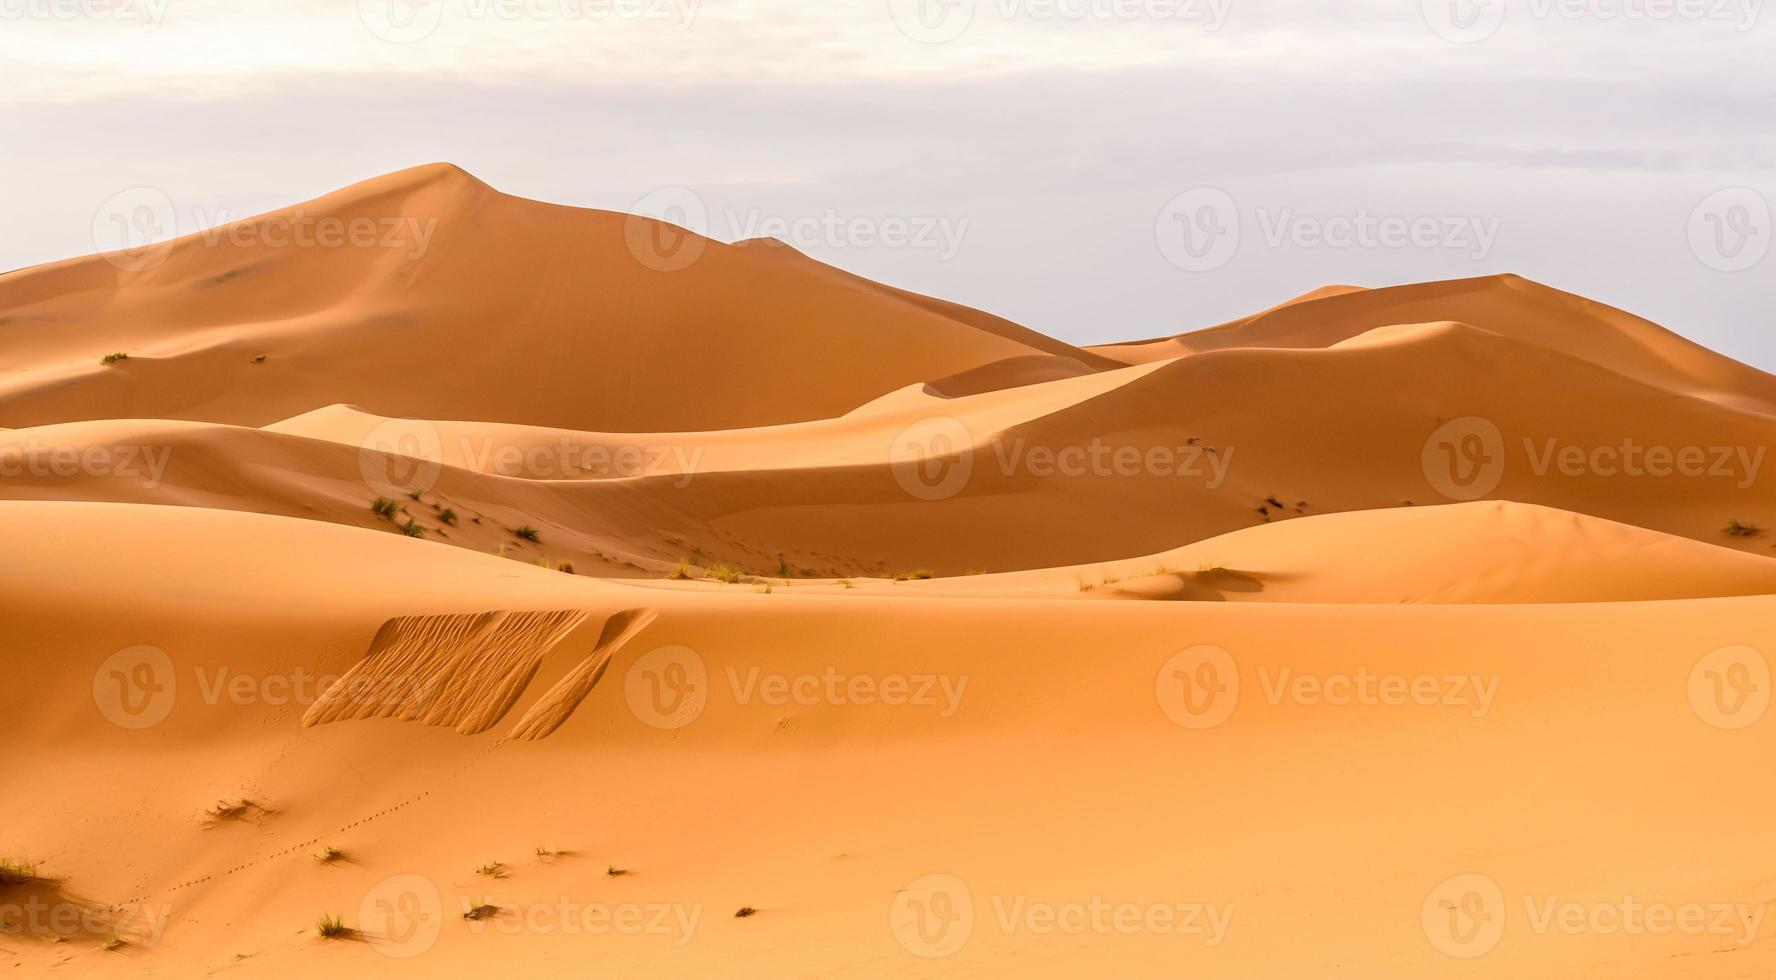 dune di sabbia erg chebbi nel deserto marocchino foto